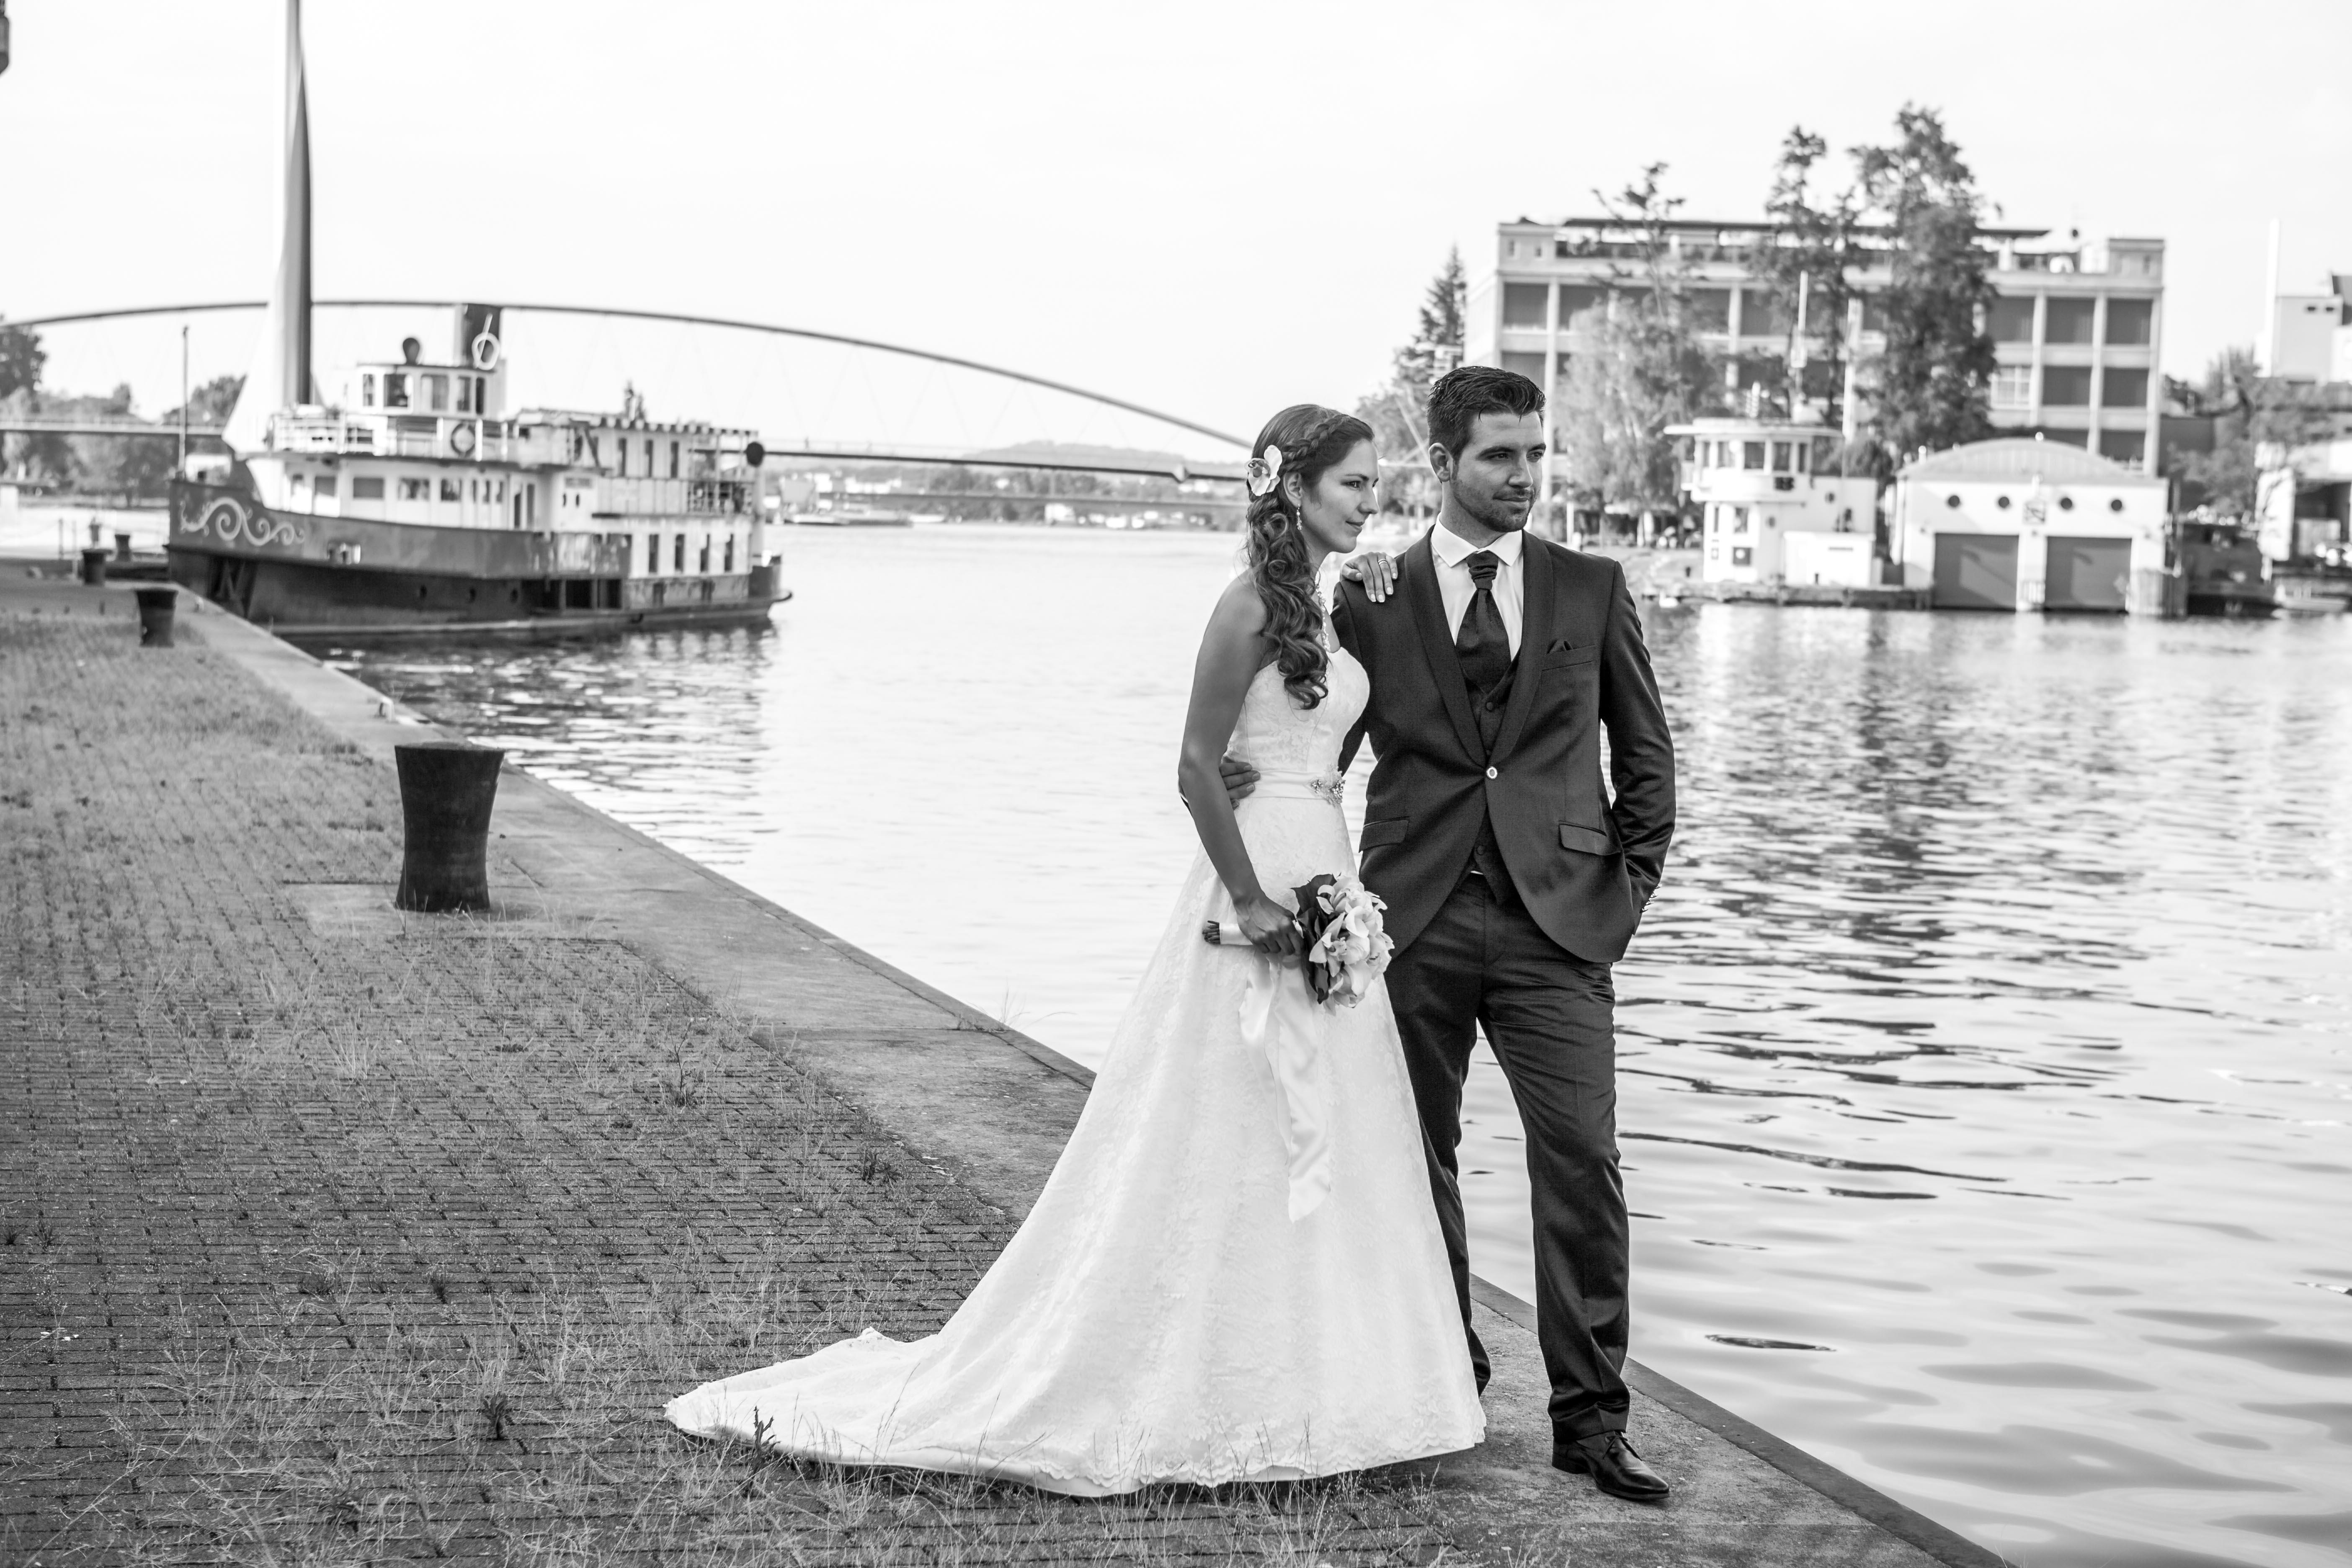 Hochzeitsfotografie in Basel am Wasser